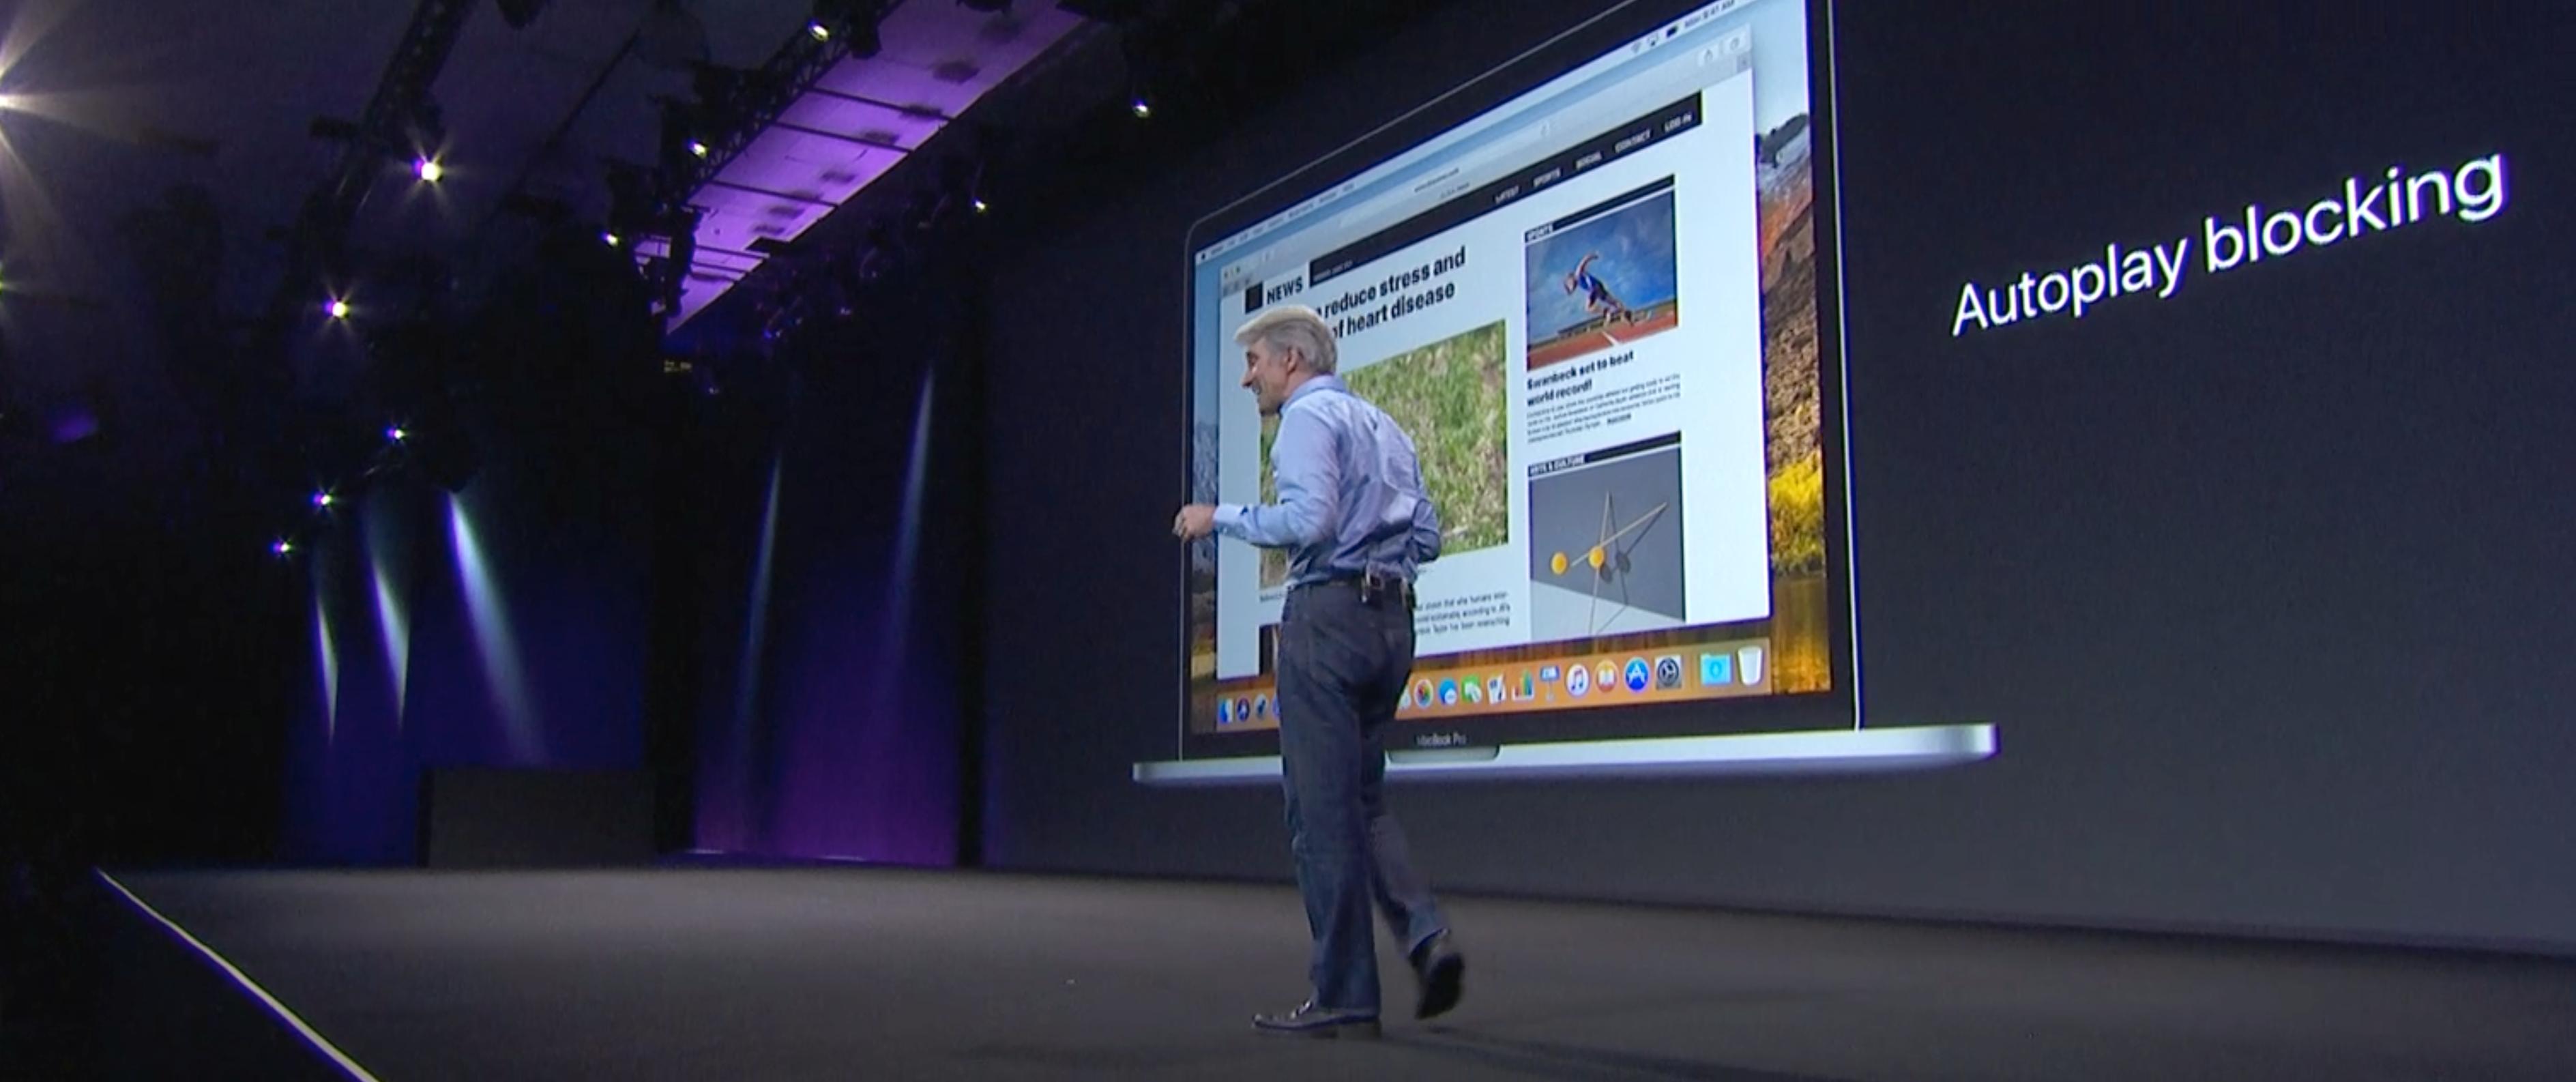 Safari kan nå blokkere autoavspilling av innhold.